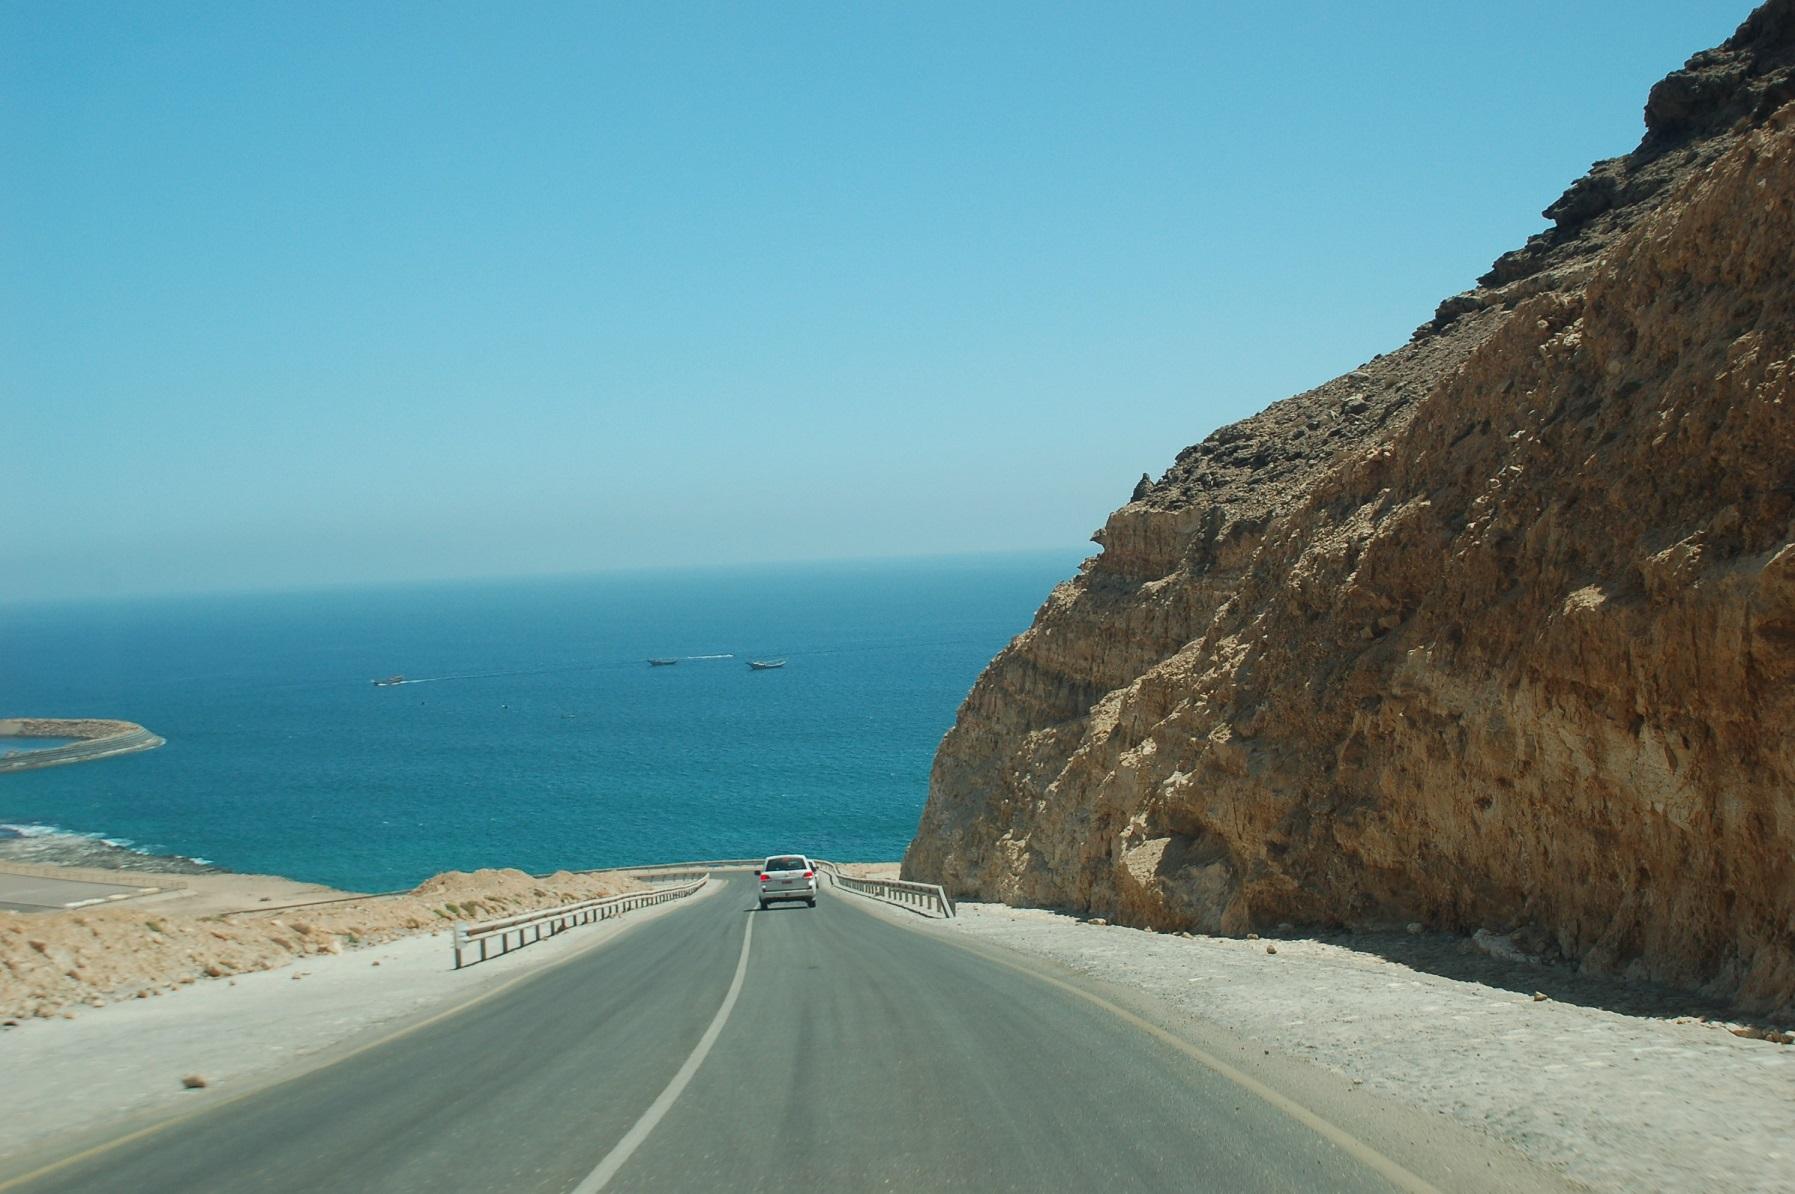 Oman - Die Küste fällt steil ab und gibt immer wieder einen traumhaften Blick auf den Ozean frei.